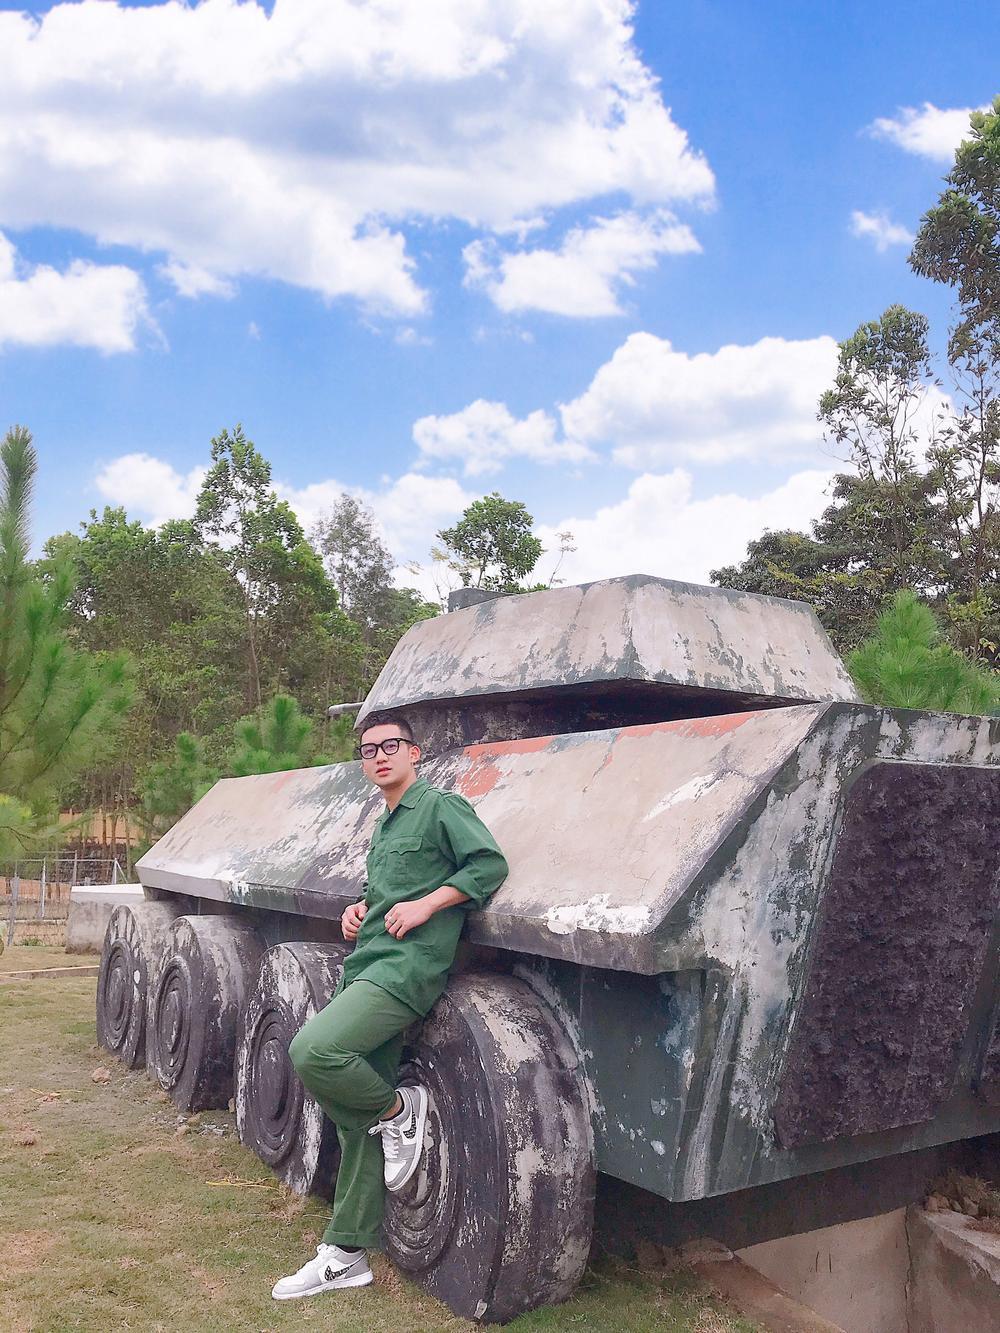 Chiêm ngưỡng dàn 'Trai xinh gái đẹp'- 'Đặc sản' mùa quân sự của Học viện Chính sách và Phát triển Ảnh 8